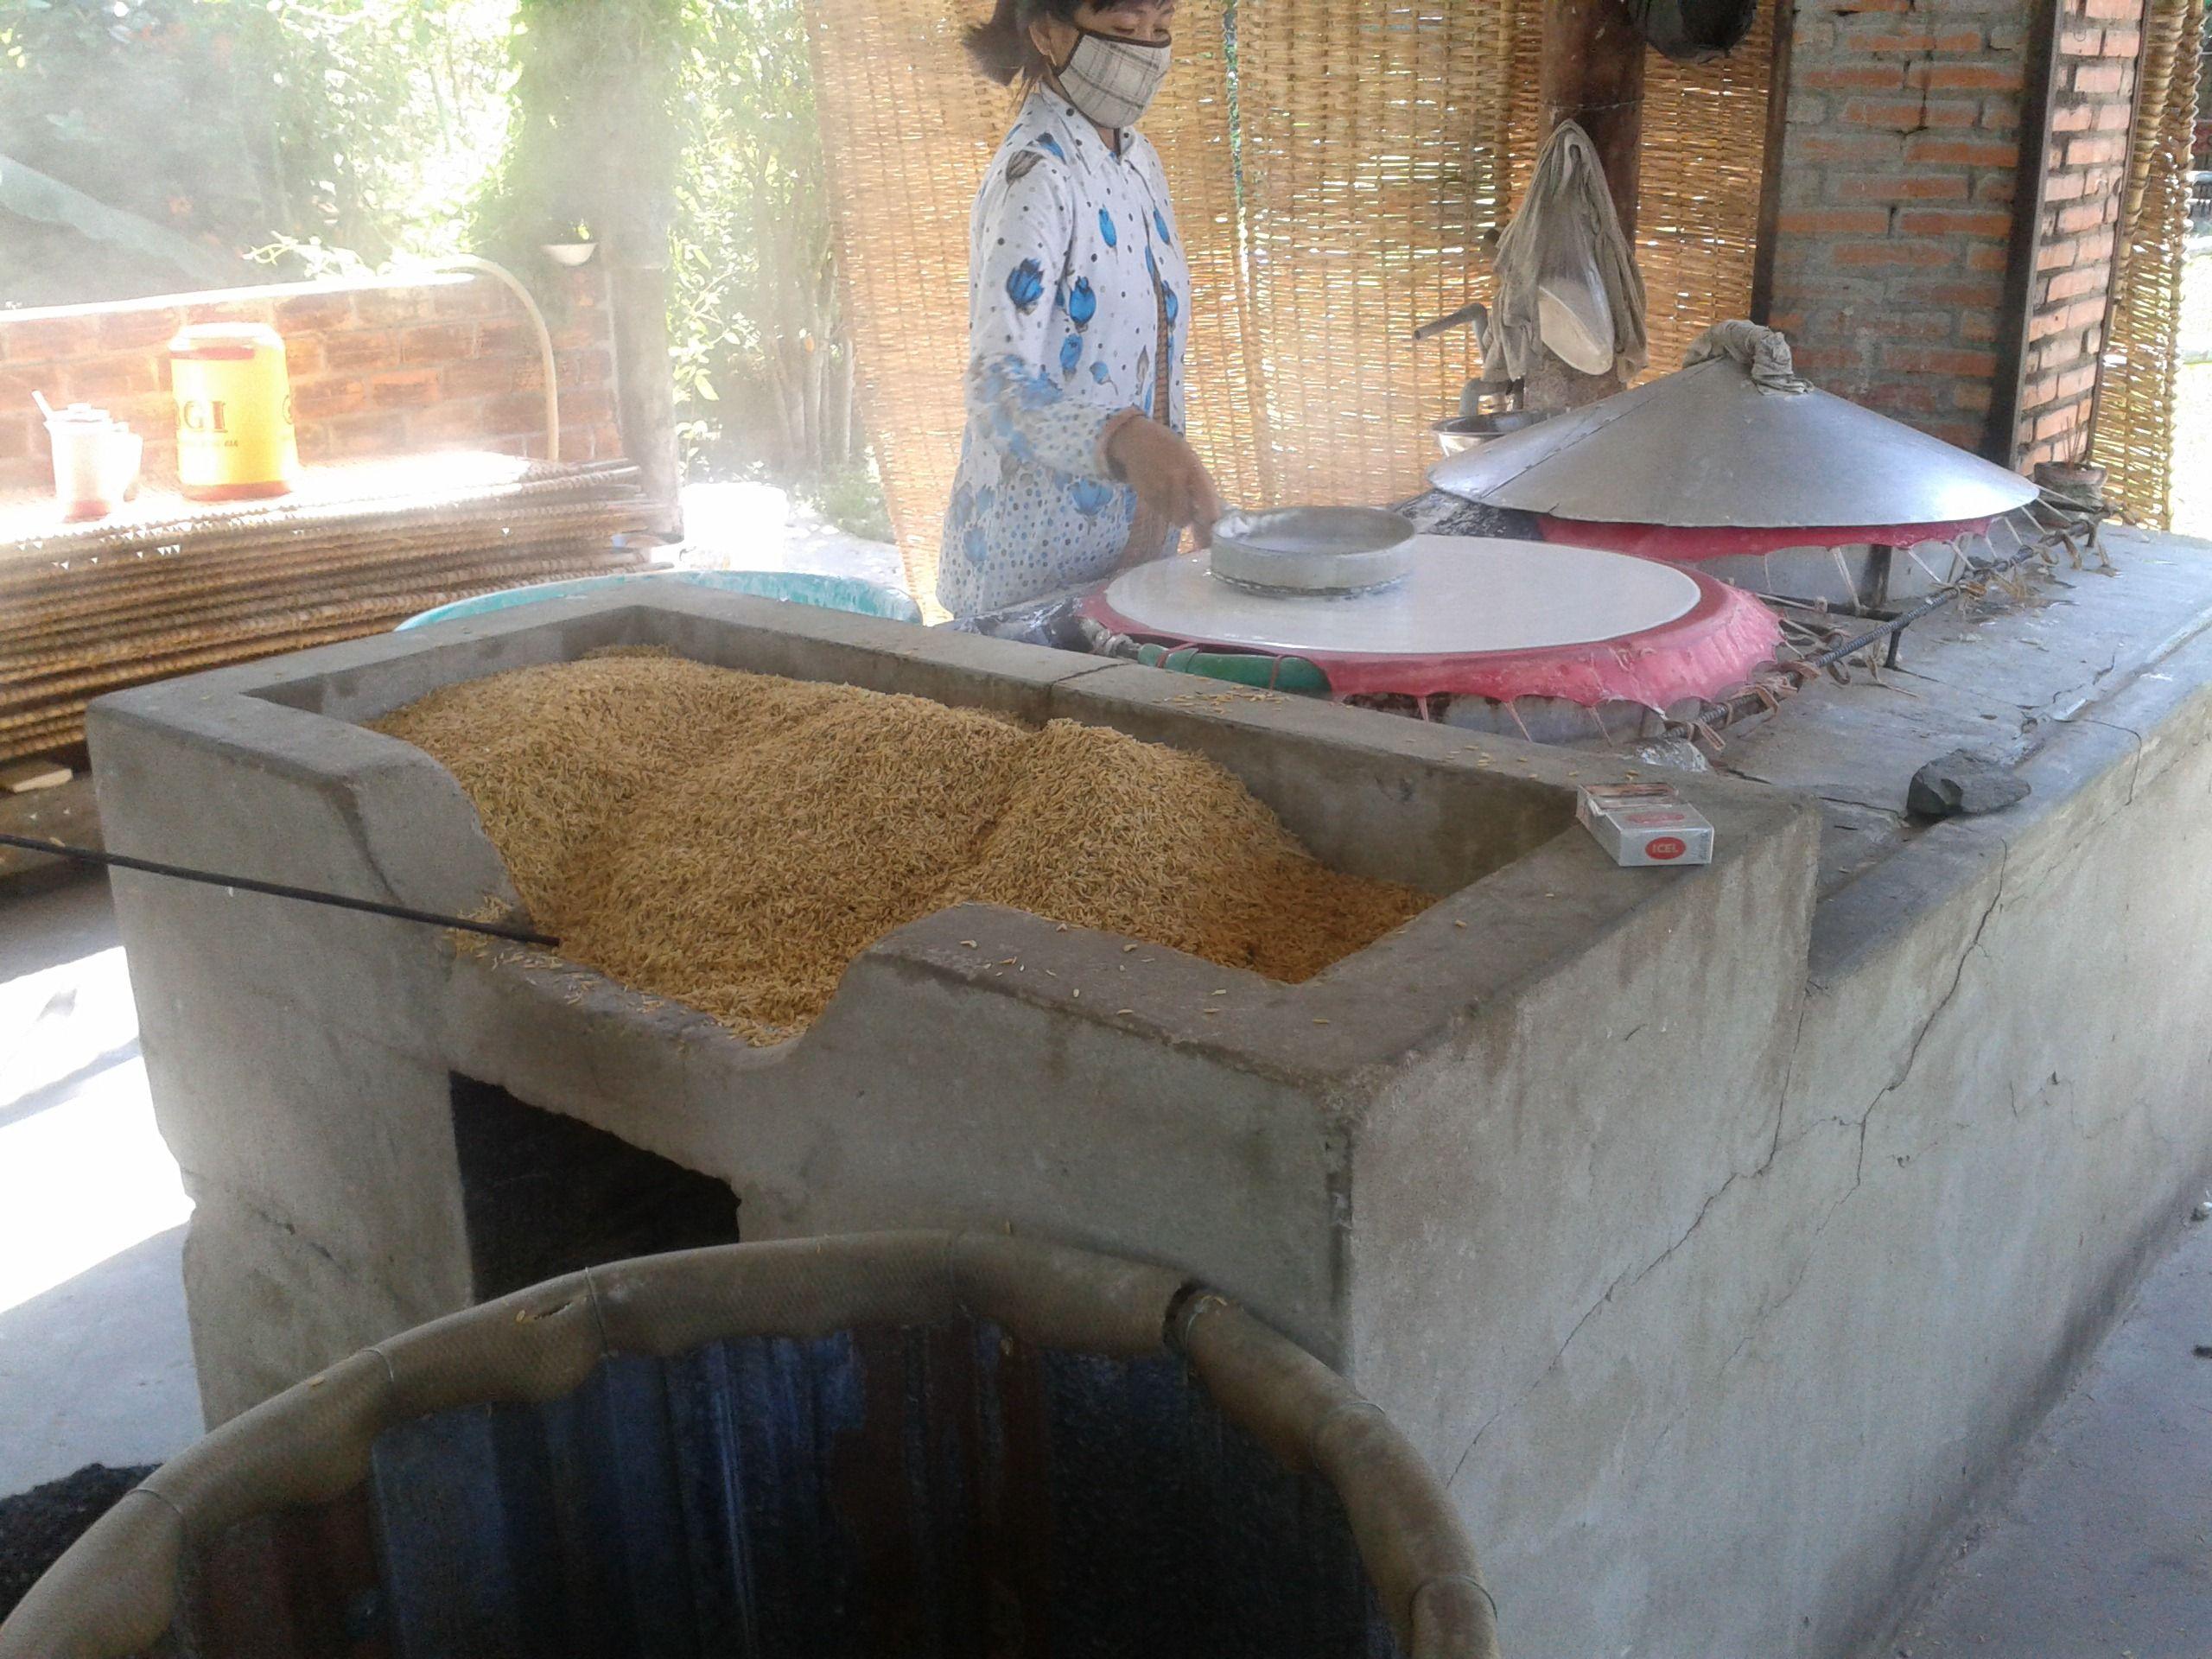 Voordat de rijst noedels wordt opgedroogd, wordt het gebakken op een warme kookplaat.